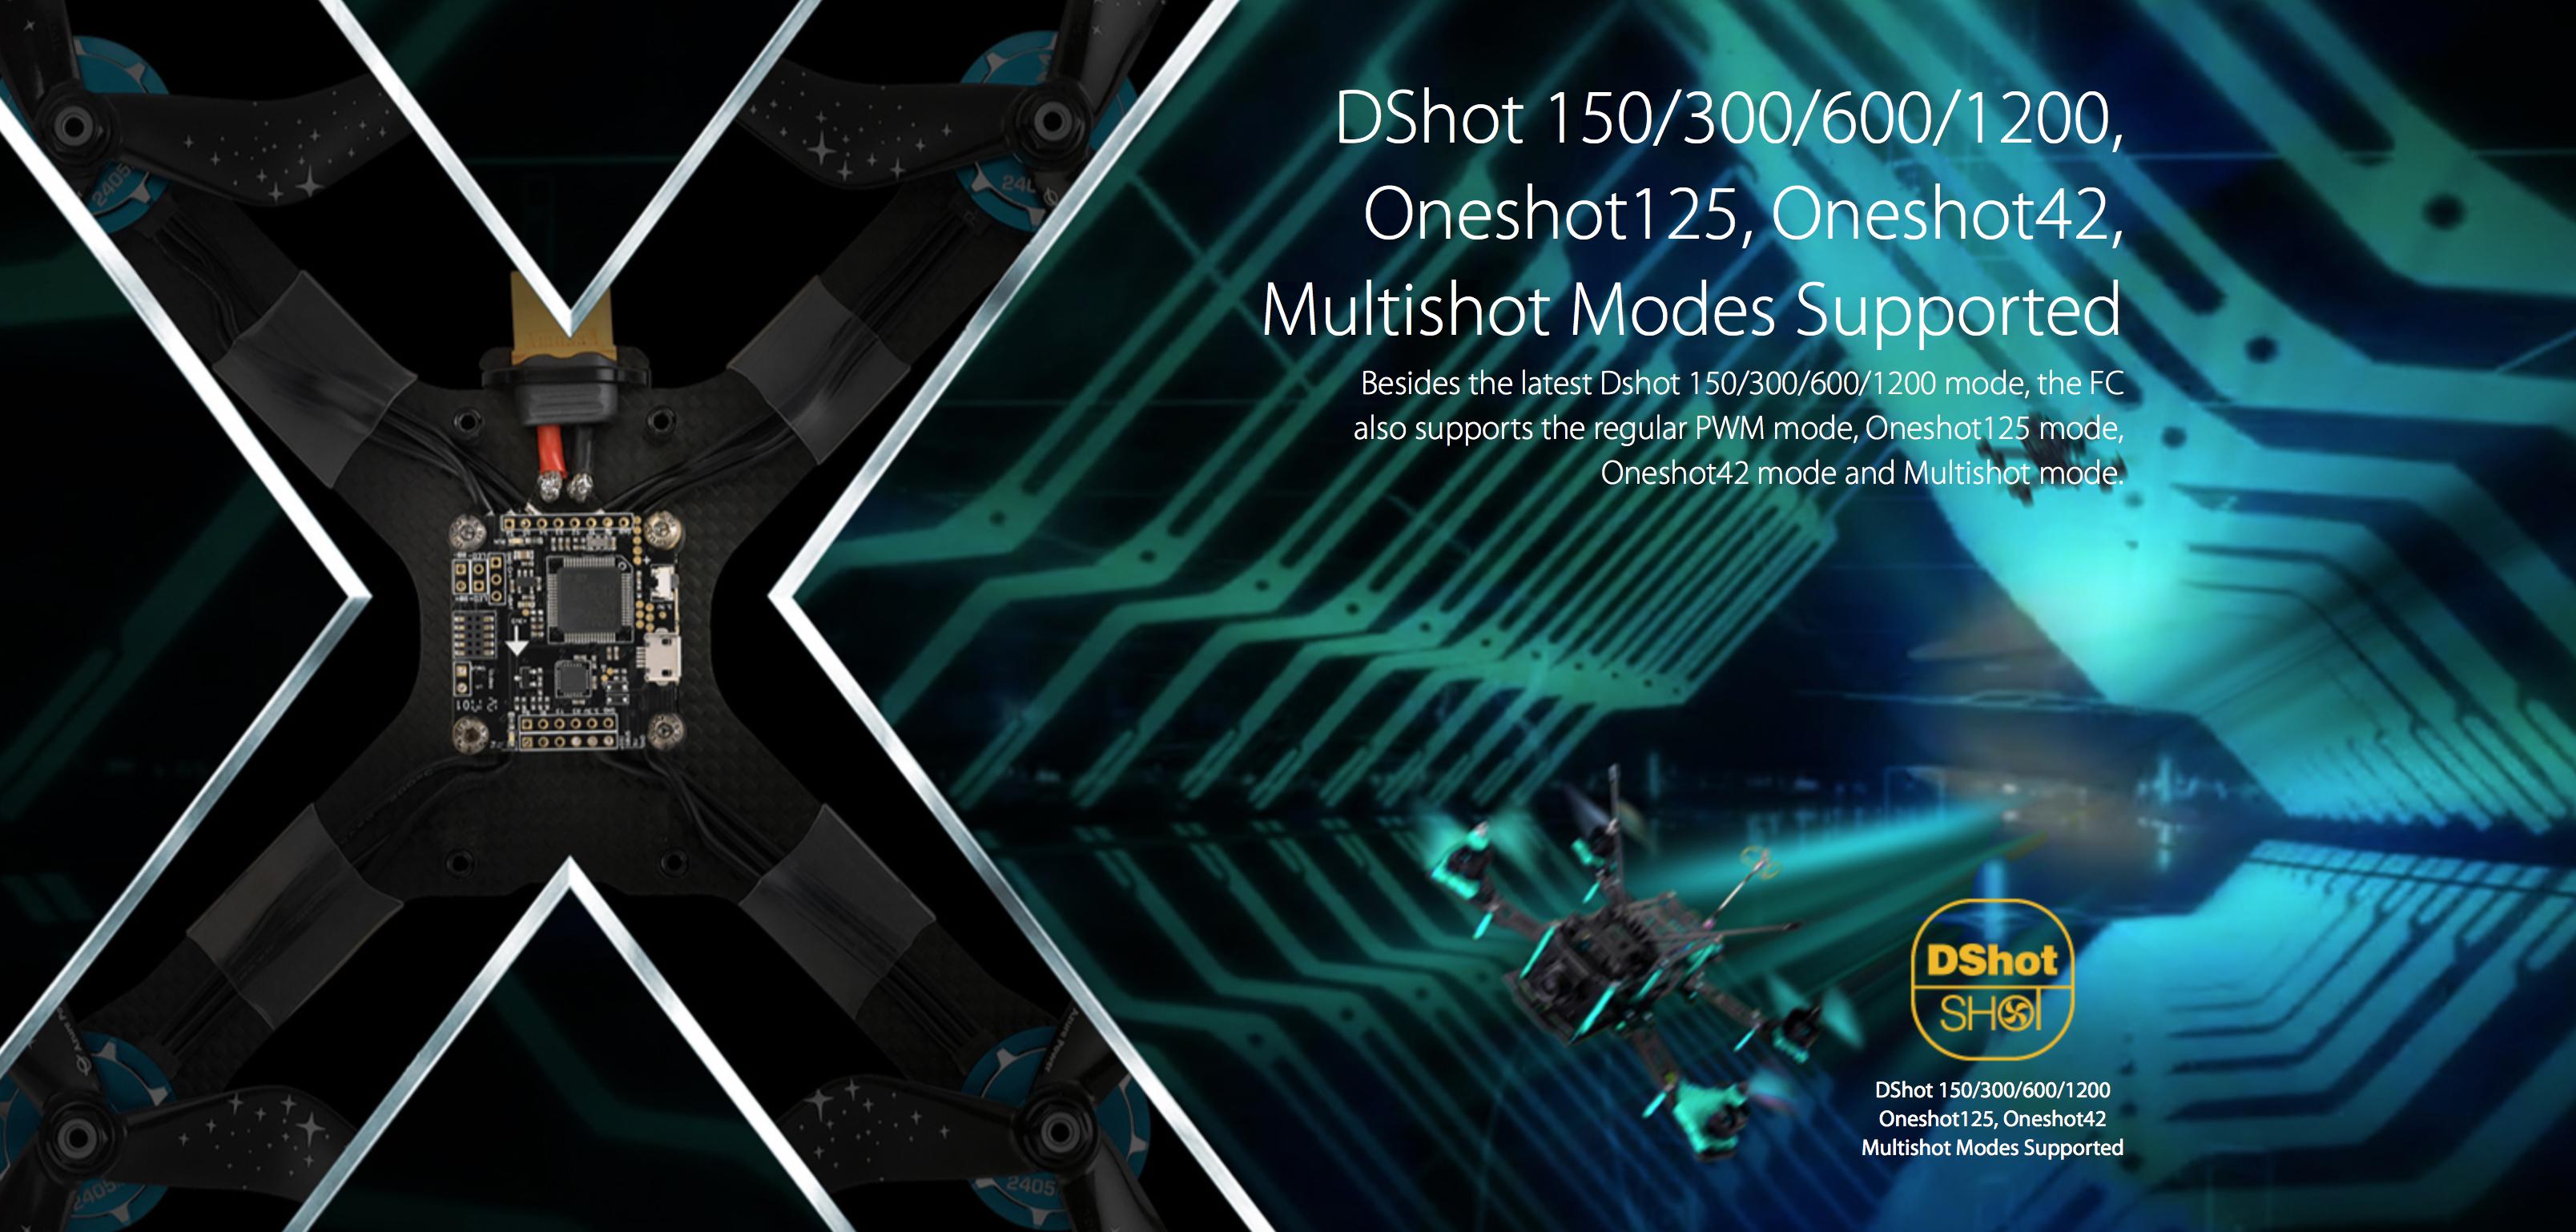 DShot 150/300/600/1200, Oneshot125, Oneshot42, Multishot Modes Supported Besides the latest Dshot 150/300/600/1200 mode, the FC also supports the regular PWM mode, Oneshot125 mode, Oneshot42 mode and Multishot mode